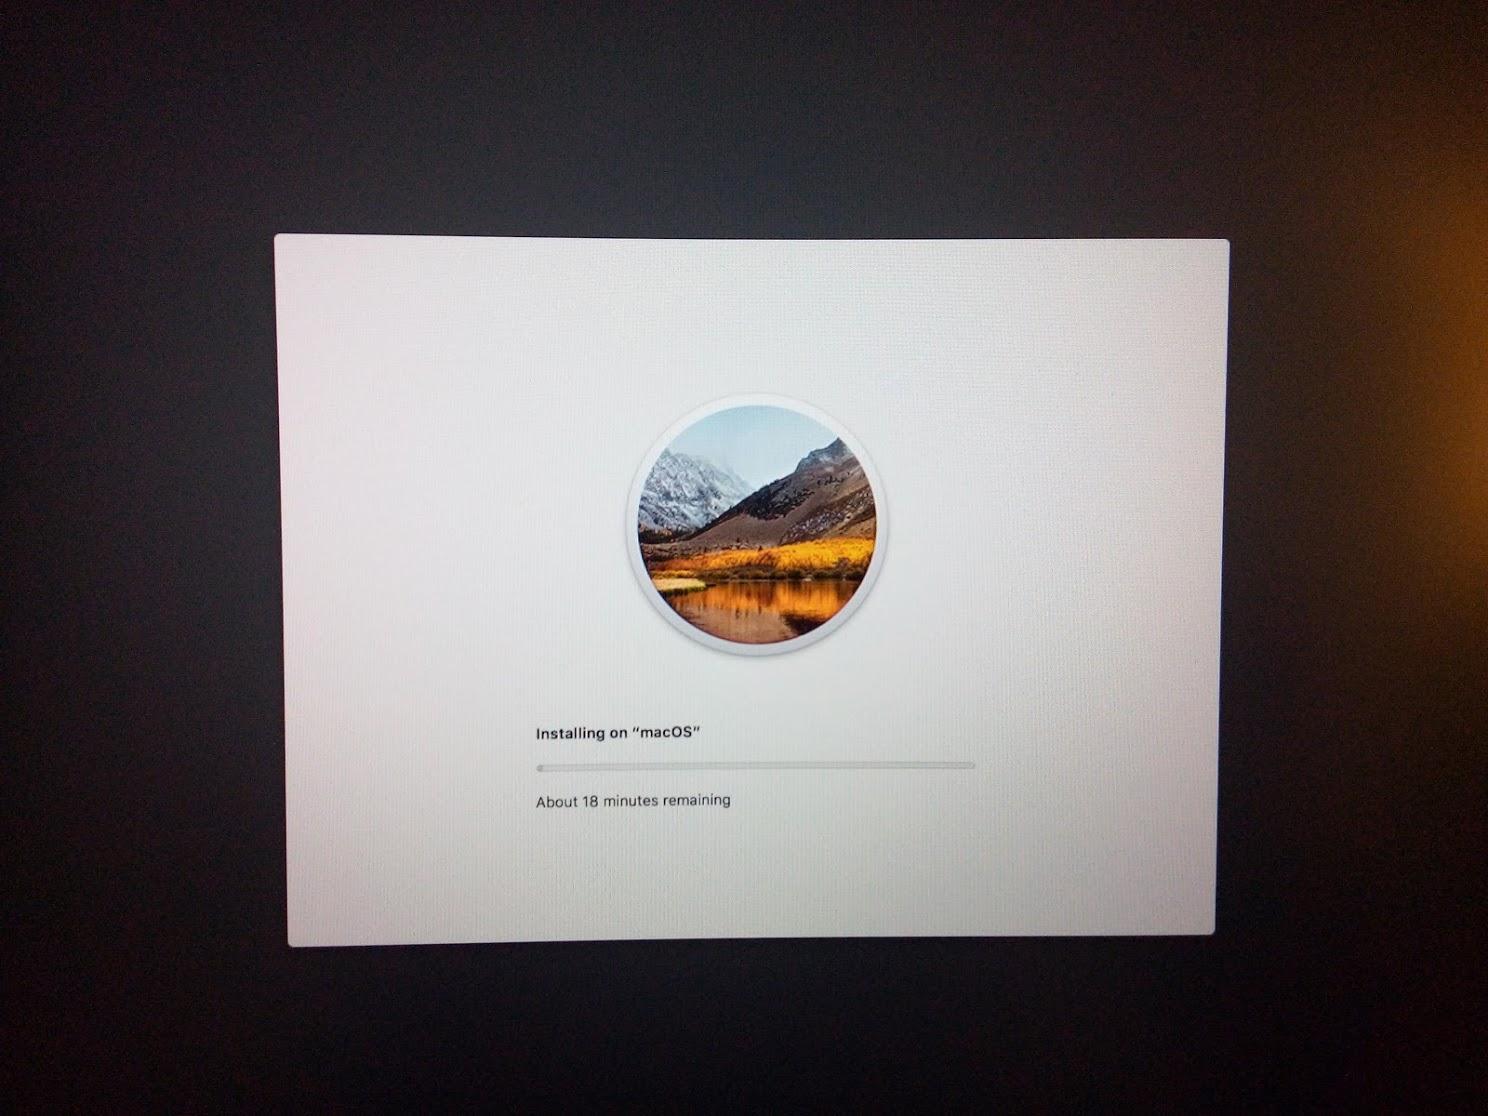 Installing MacOS